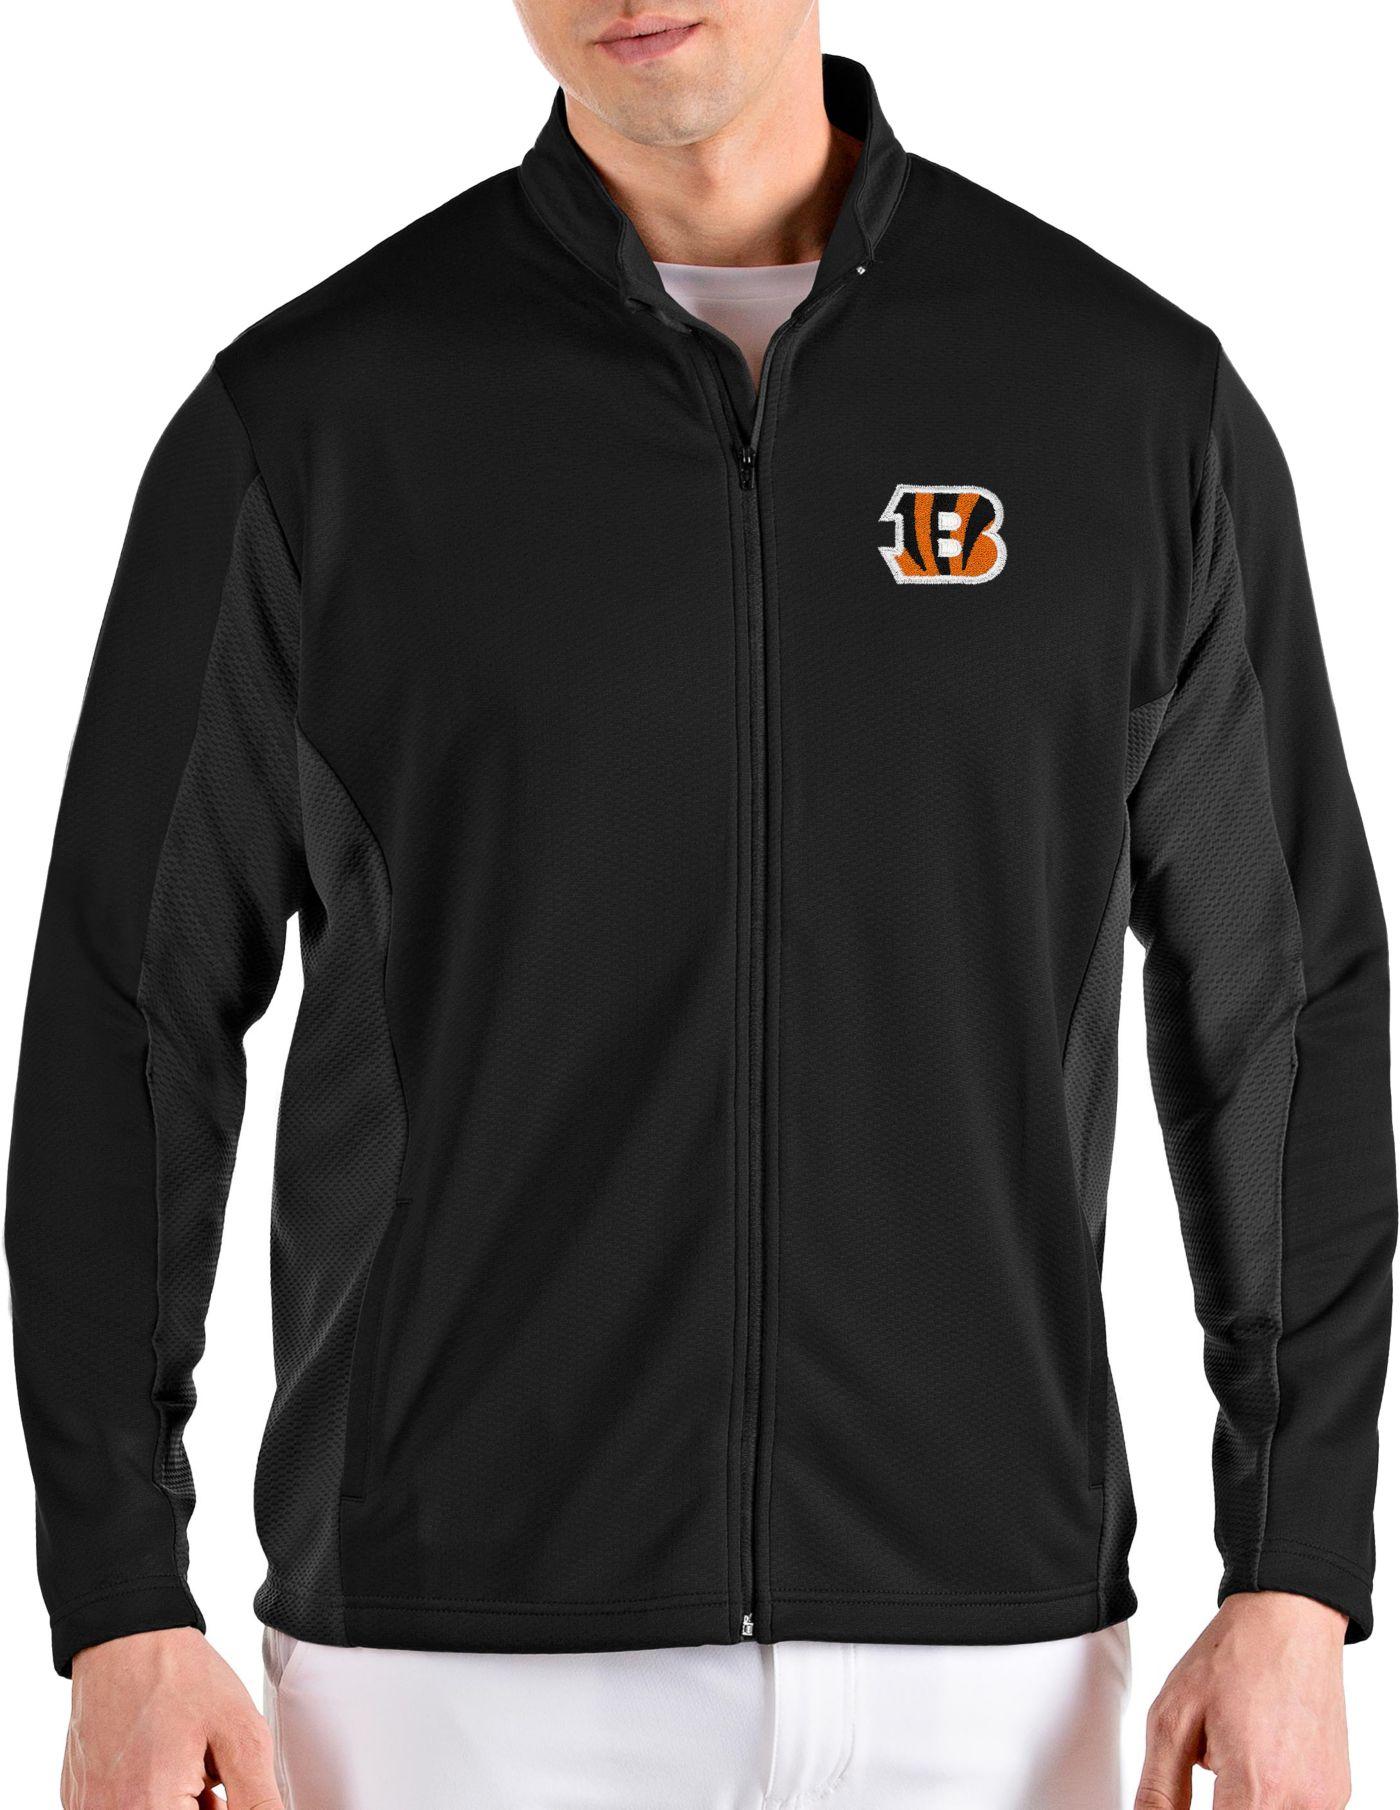 Antigua Men's Cincinnati Bengals Passage Black Full-Zip Jacket